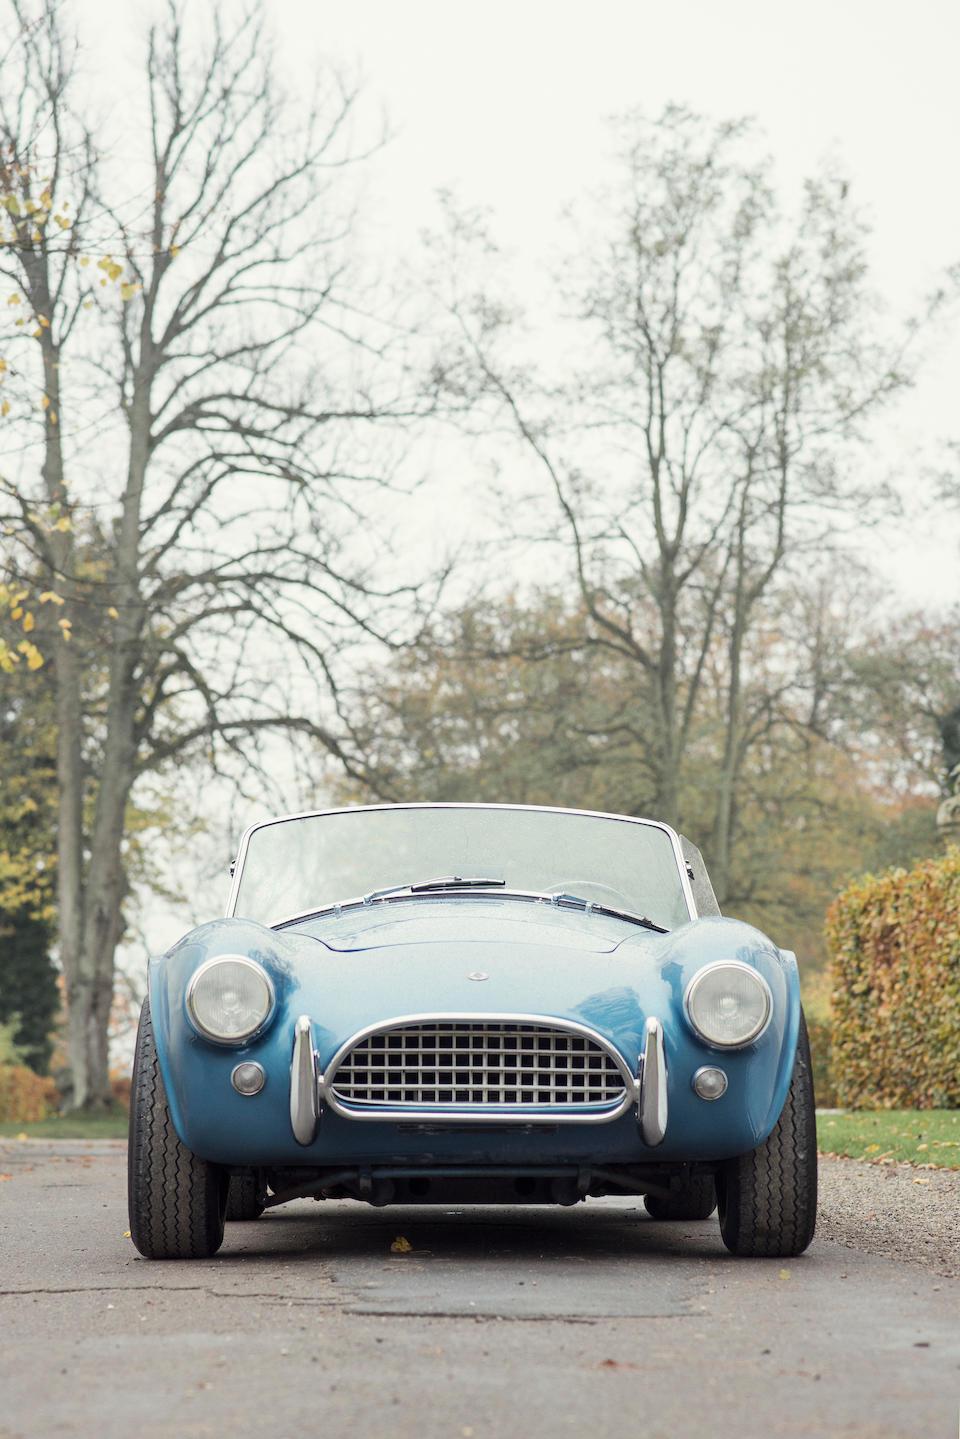 Ex-Amschel Rothschild, aux mains du même propriétaire depuis 1978,AC Cobra 289 « Mark II » roadster 1966